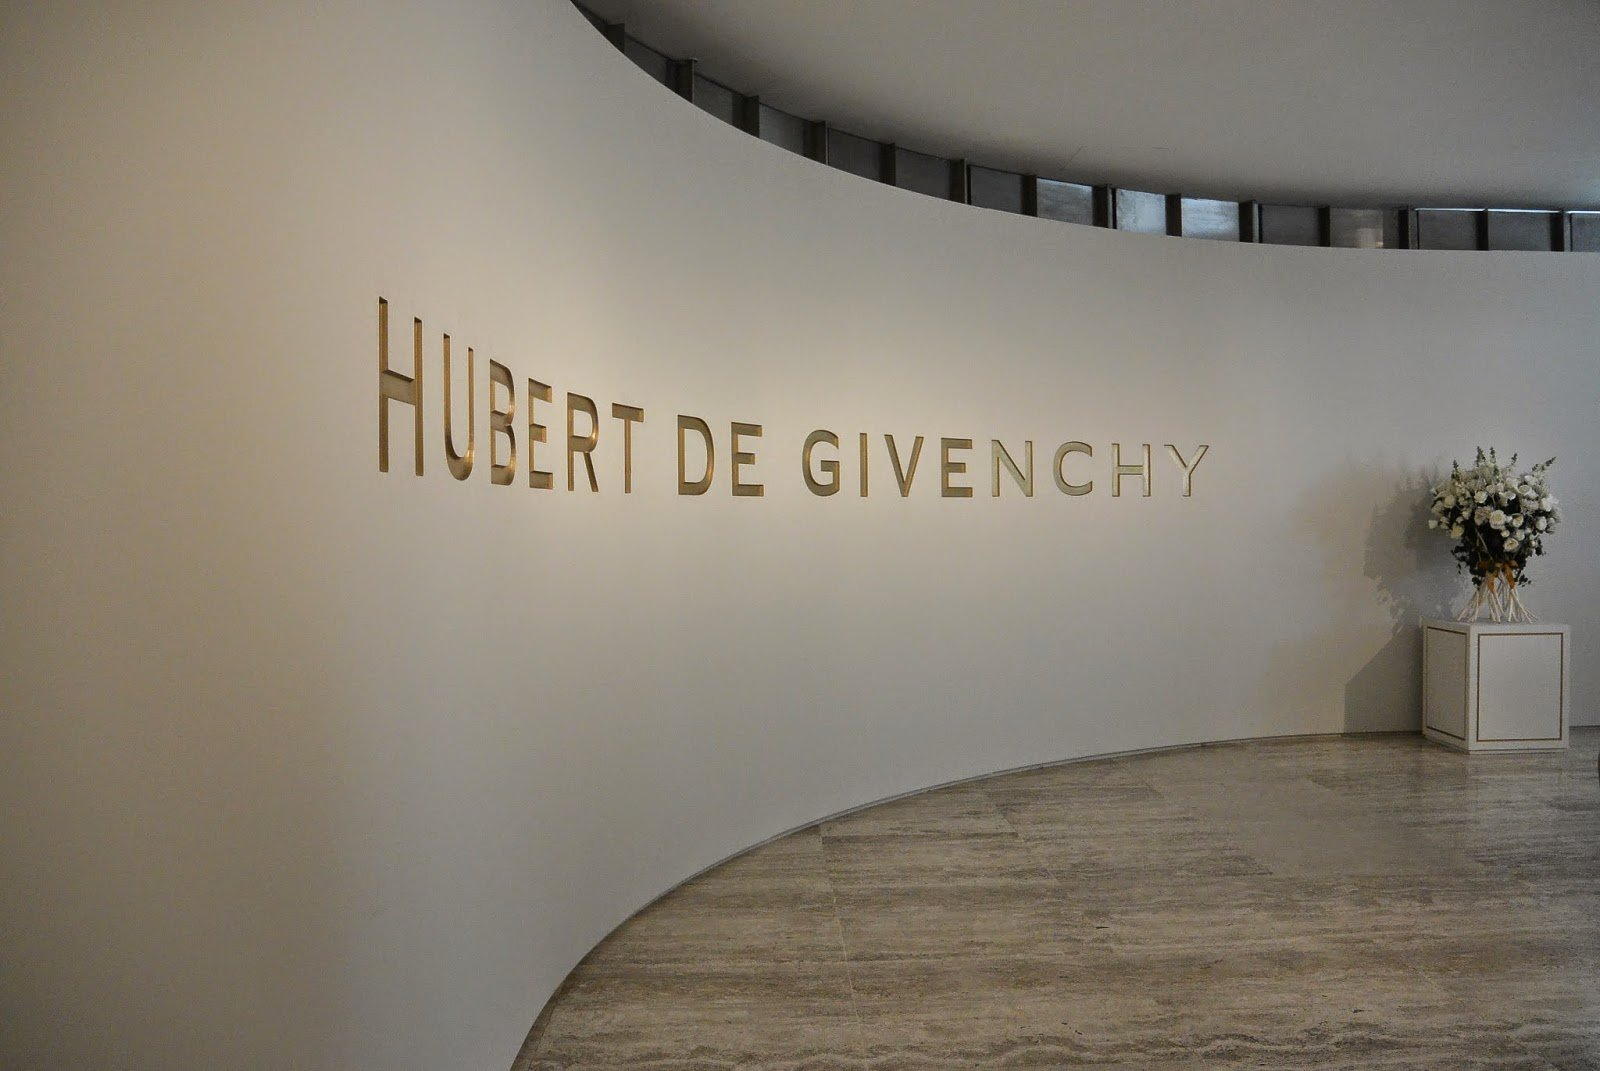 El museo Thyssen-Bornemisza abre las puertas al modisto Hubert de Givenchy